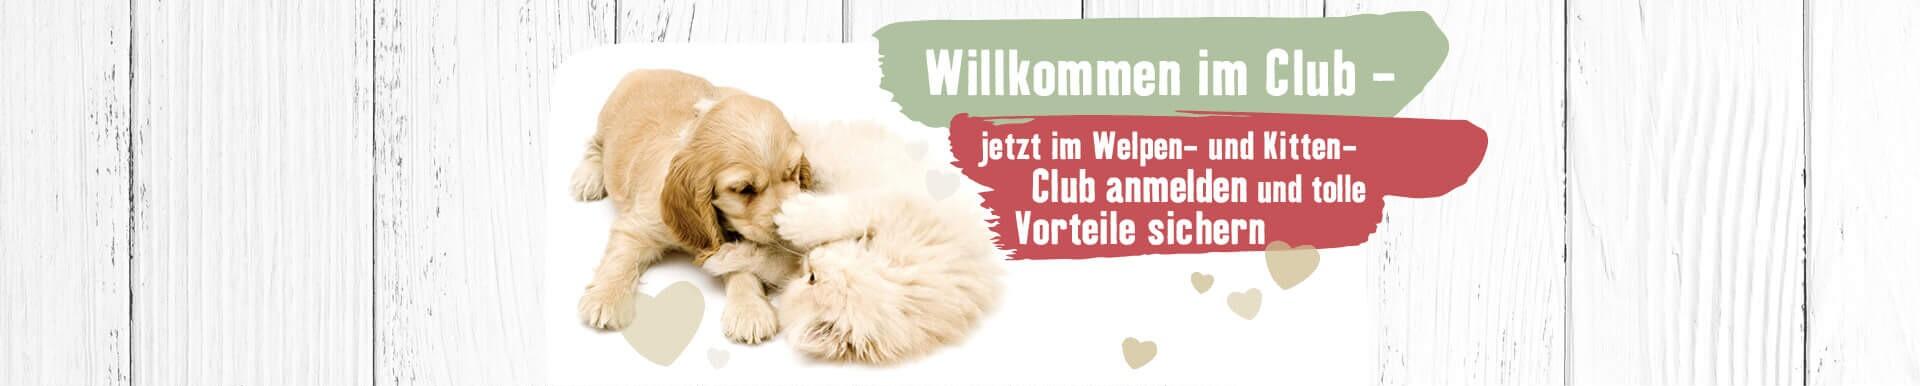 Willkommen im Club - jetzt im Welpen- und Kitten-Club anmelden und Vorteile sichern